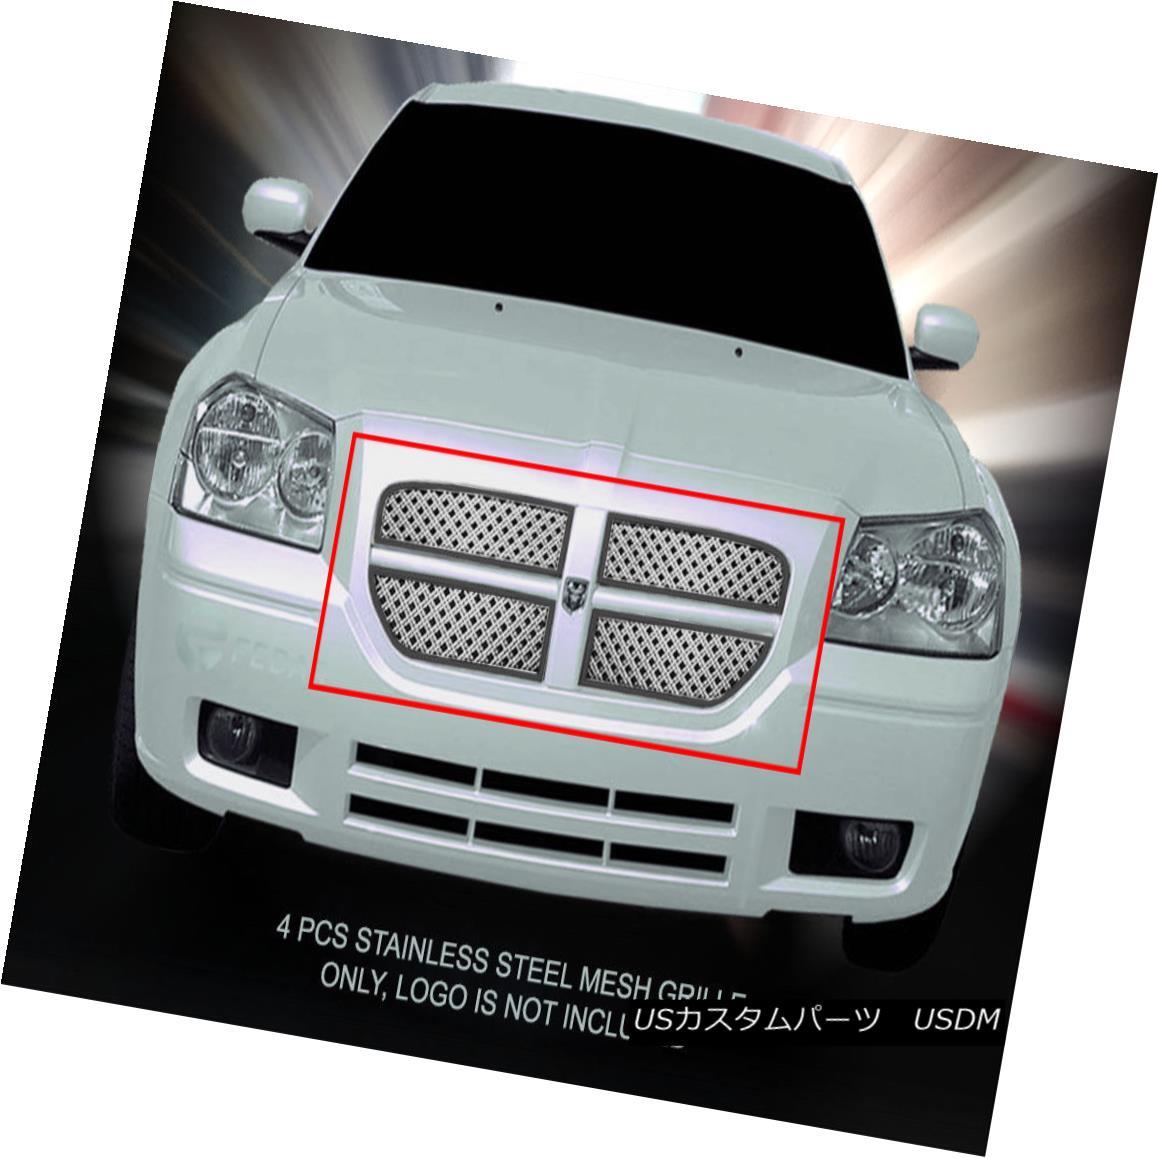 グリル Fedar Fits 2005-2007 Dodge Magnum Polished Overlay Dual Weave Mesh Grille Insert Fedarは2005-2007 Dodge Magnum Polishedオーバーレイデュアルウィーブメッシュグリルインサートに適合